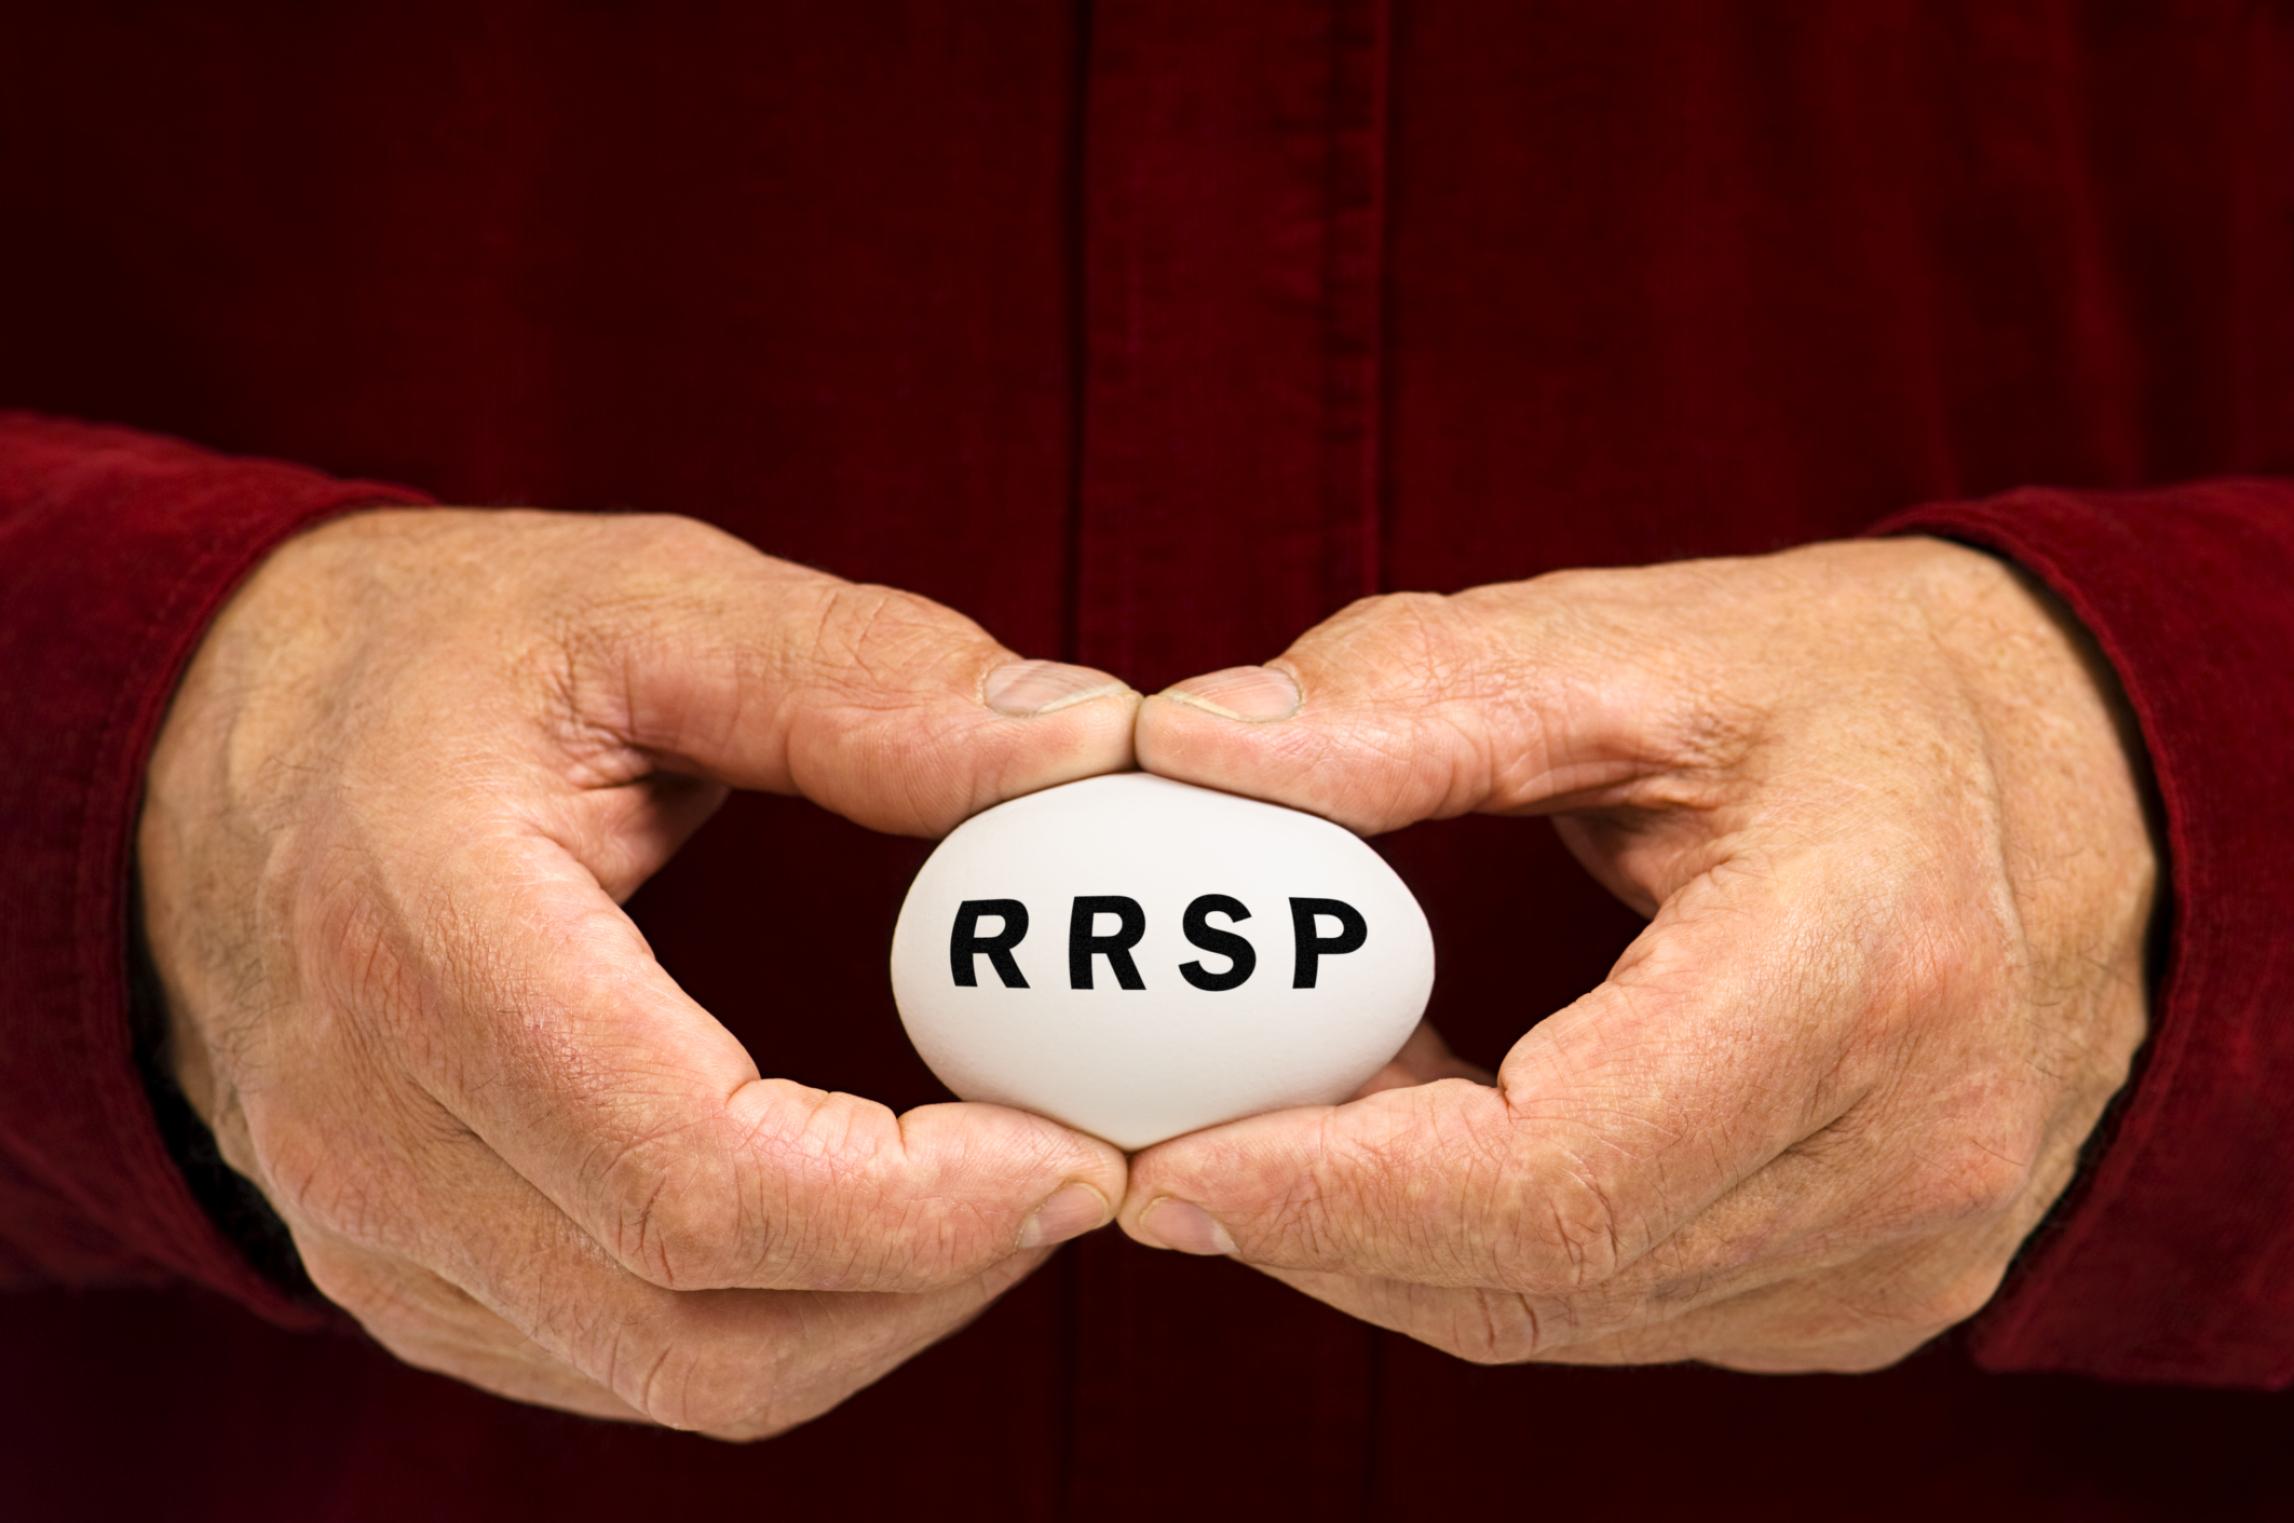 Start an RRSP now